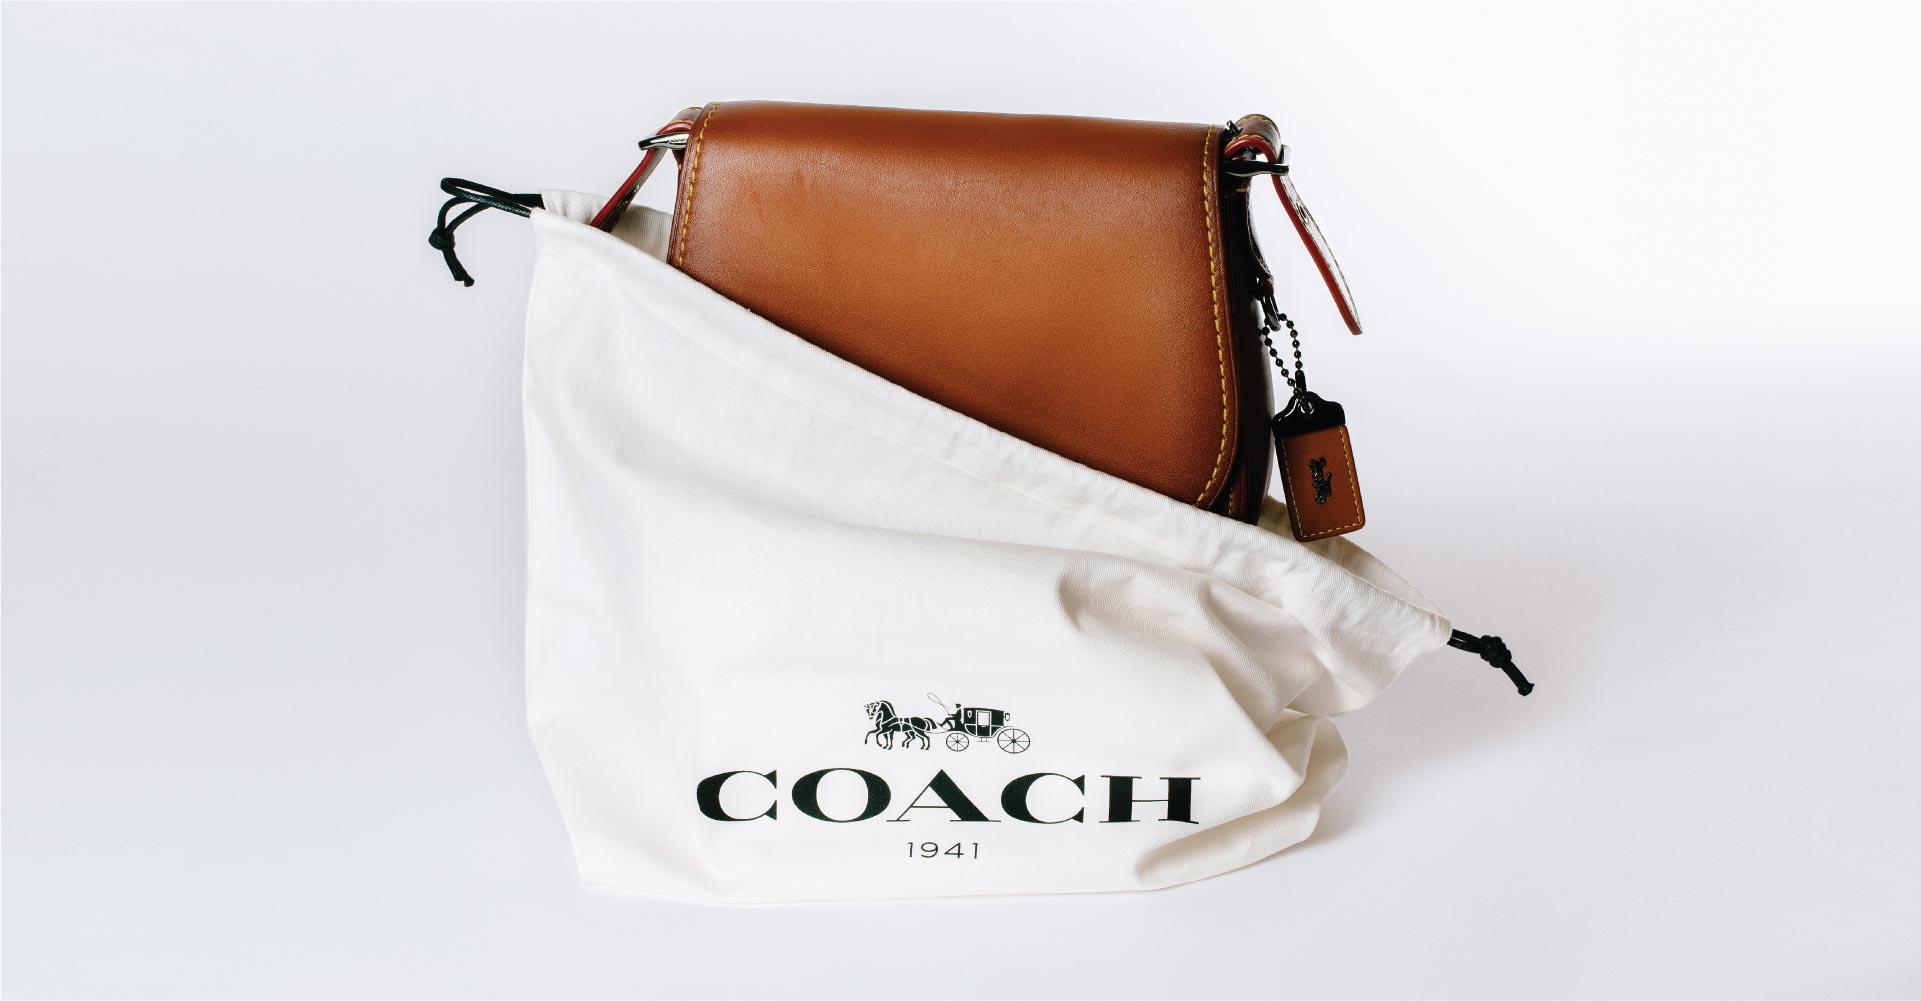 Creative_Retail_Packaging_Package_Design_Luxury_Coach_04.jpg